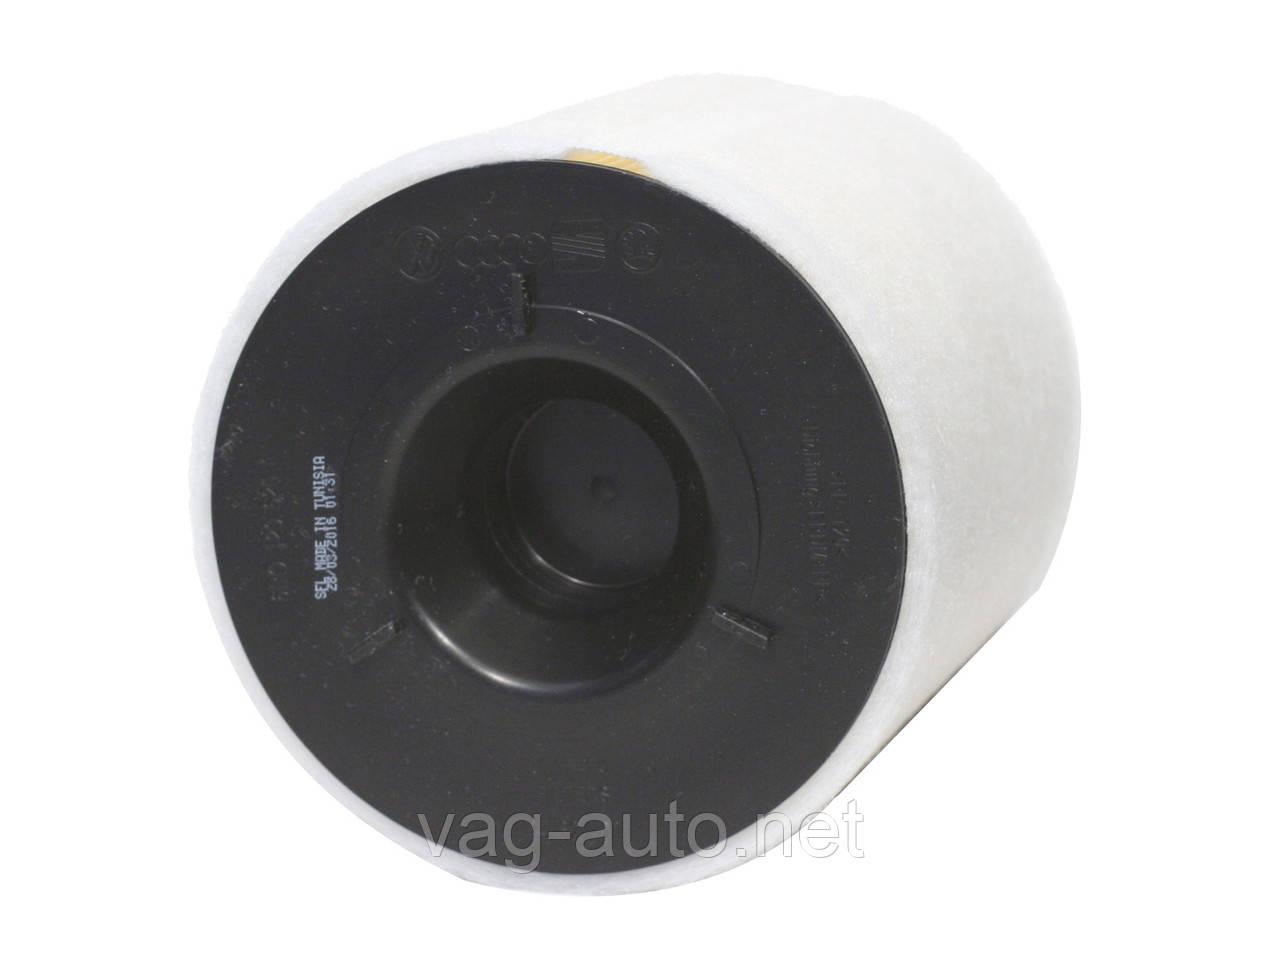 Фільтр повітряний Skoda Rapid 1.6 TDI, 1.2 TSI, 1.4 TSI